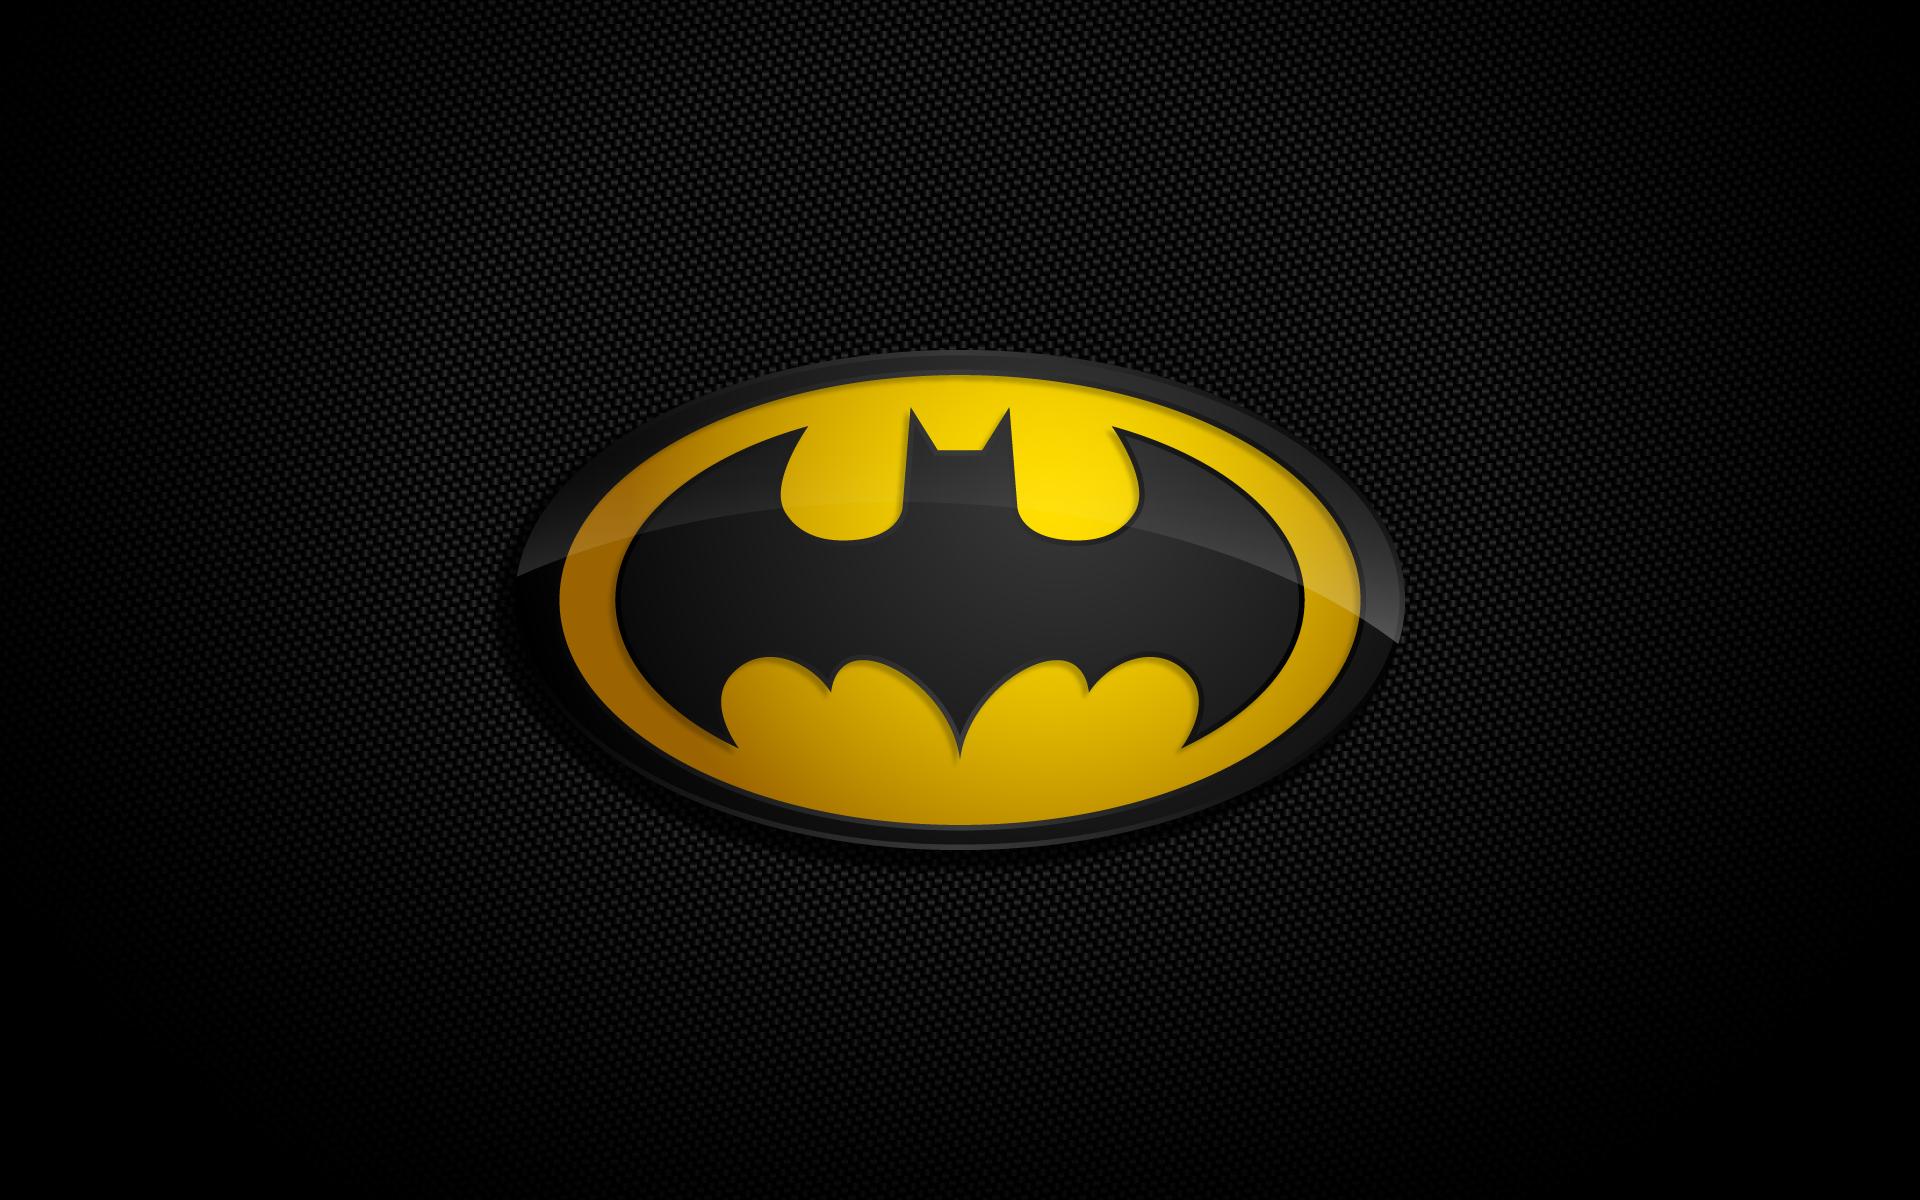 .Batman Kills Justice League